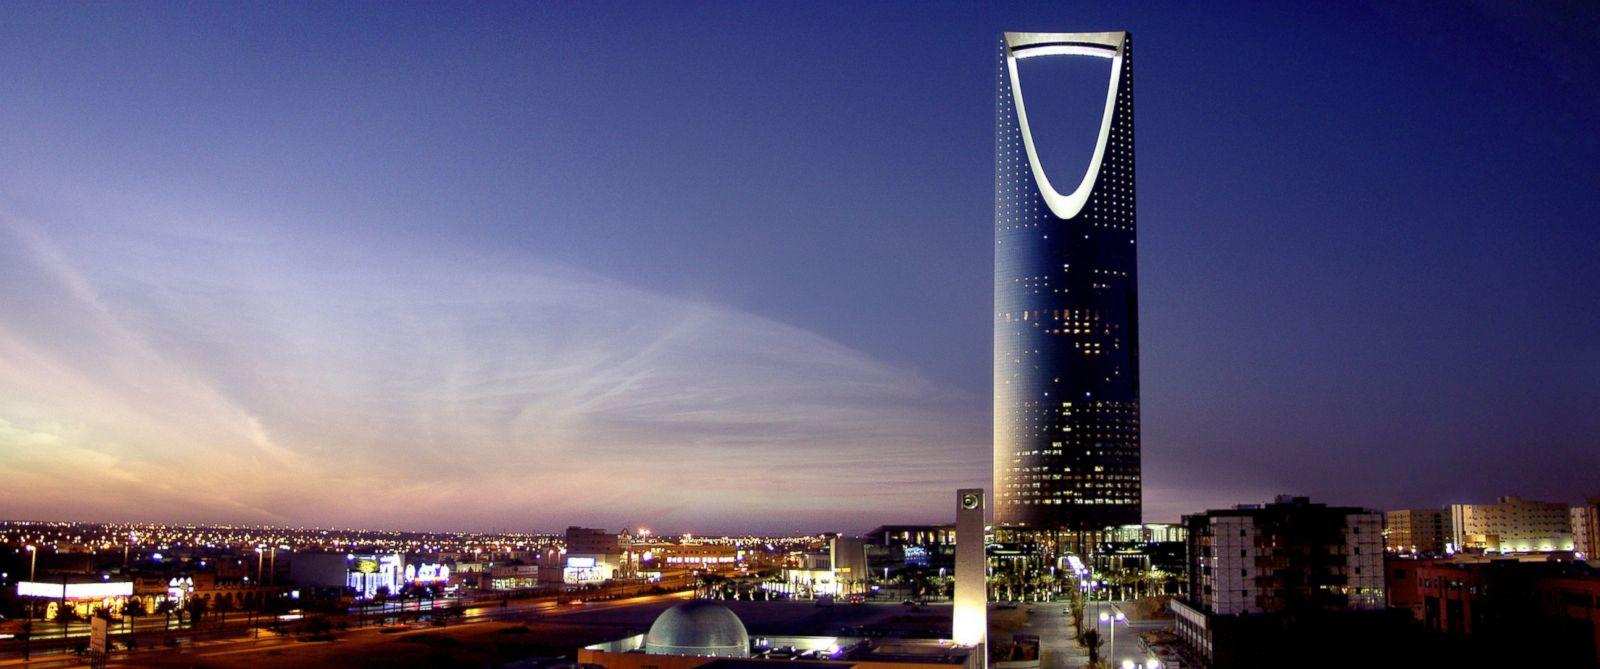 Инфлюенсер-маркетинг Саудовской Аравии, PR-тренды 2020 и наиболее выгодные форматы digital-рекламы - 1